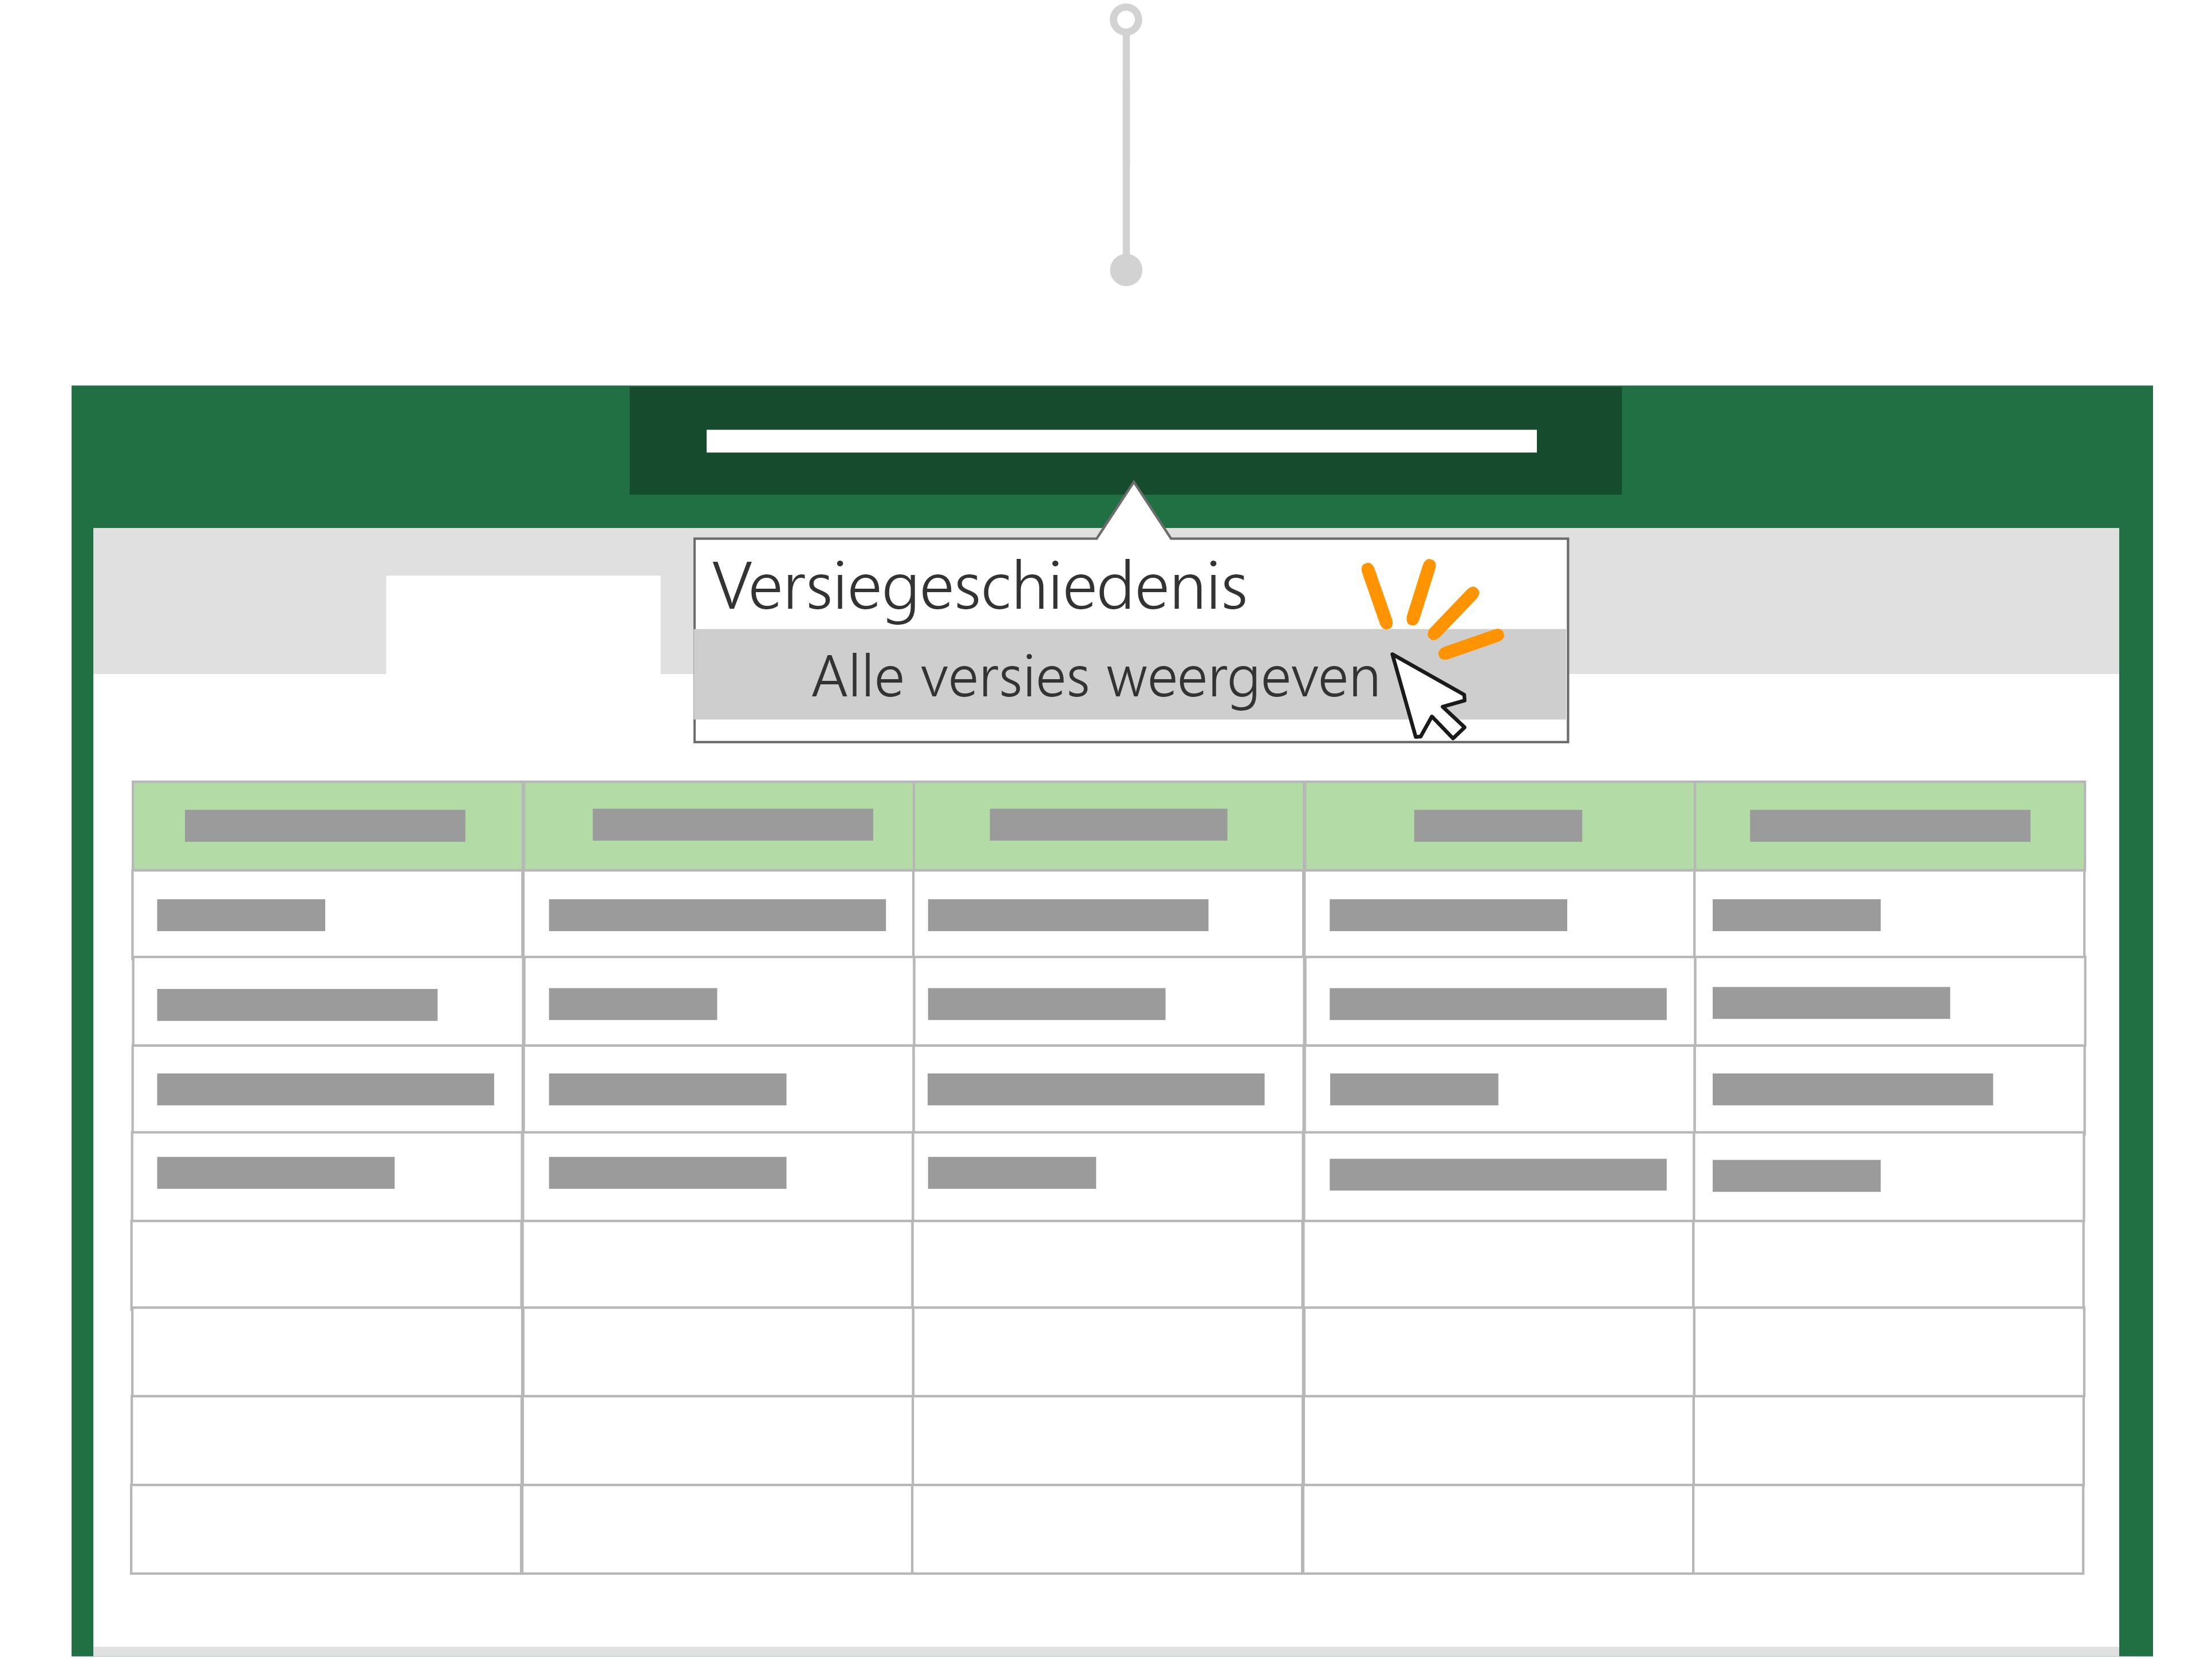 Gebruik versiegeschiedenis om terug te gaan naar een vorige versie van een bestand.